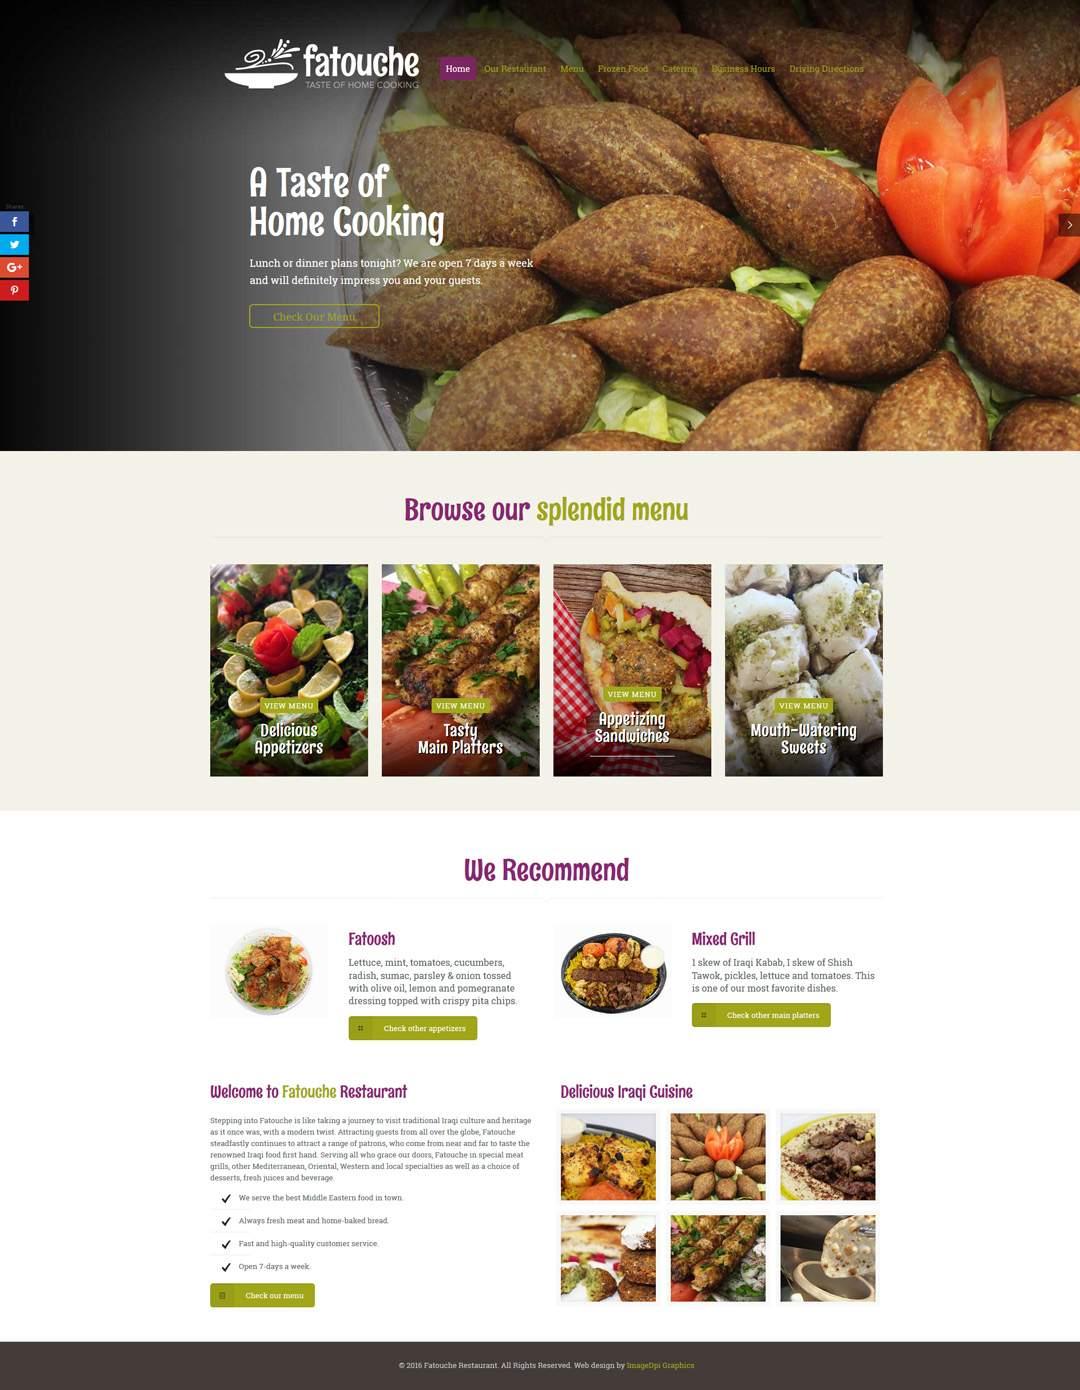 Fatouche Restaurants